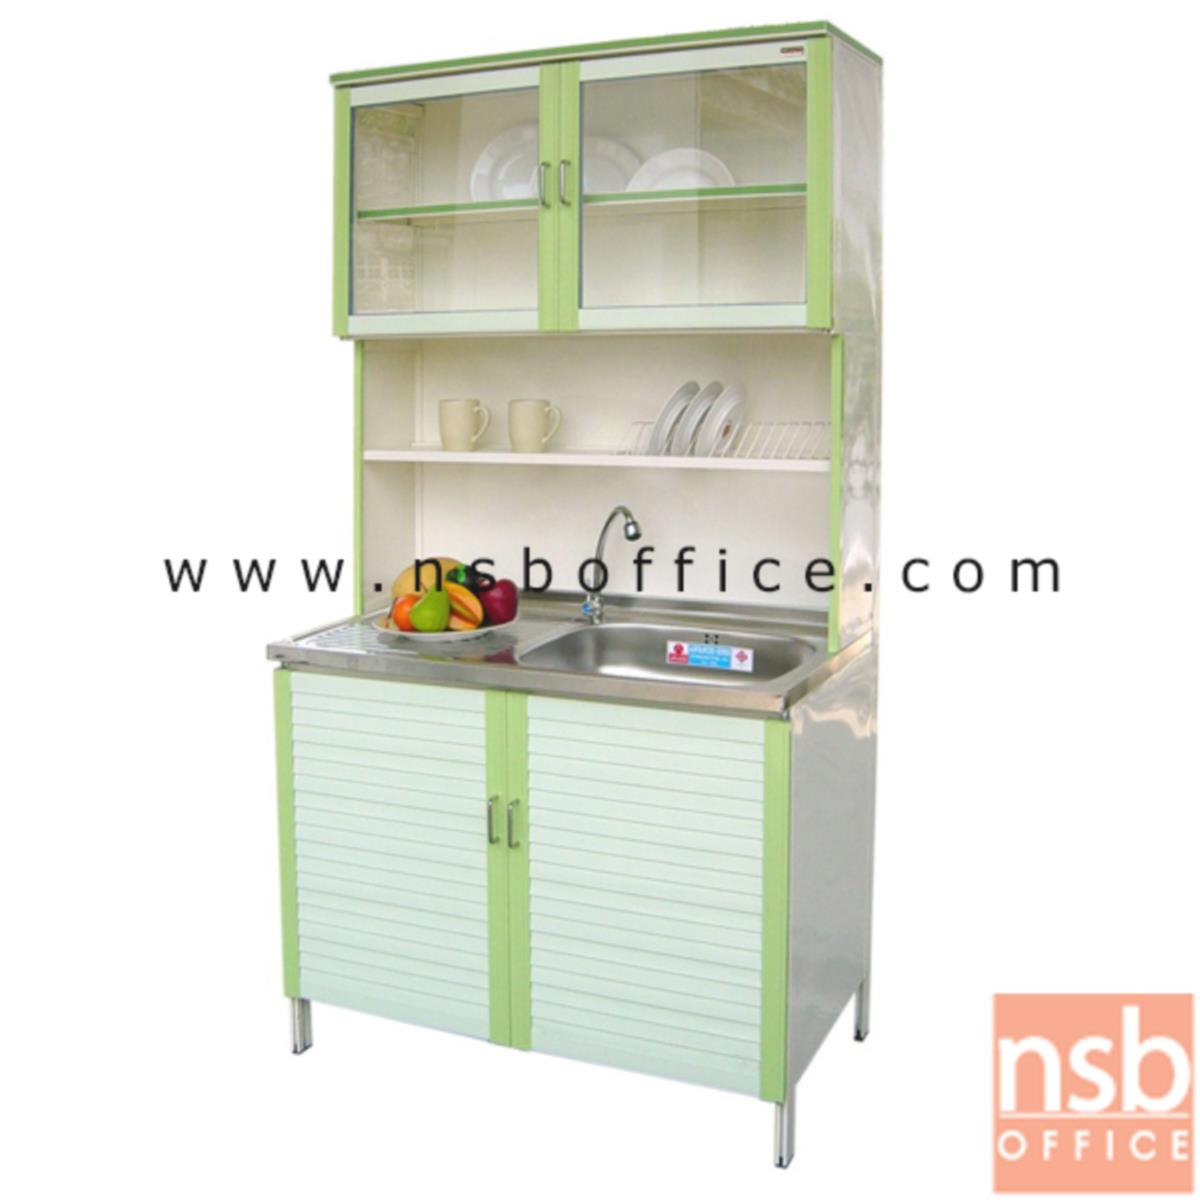 G07A078:ตู้ครัวสูง อ่างซิ้งค์ล้างจาน บนบานกระจกล่างบานเกล็ด  ขนาด 100W*54D*190H cm.